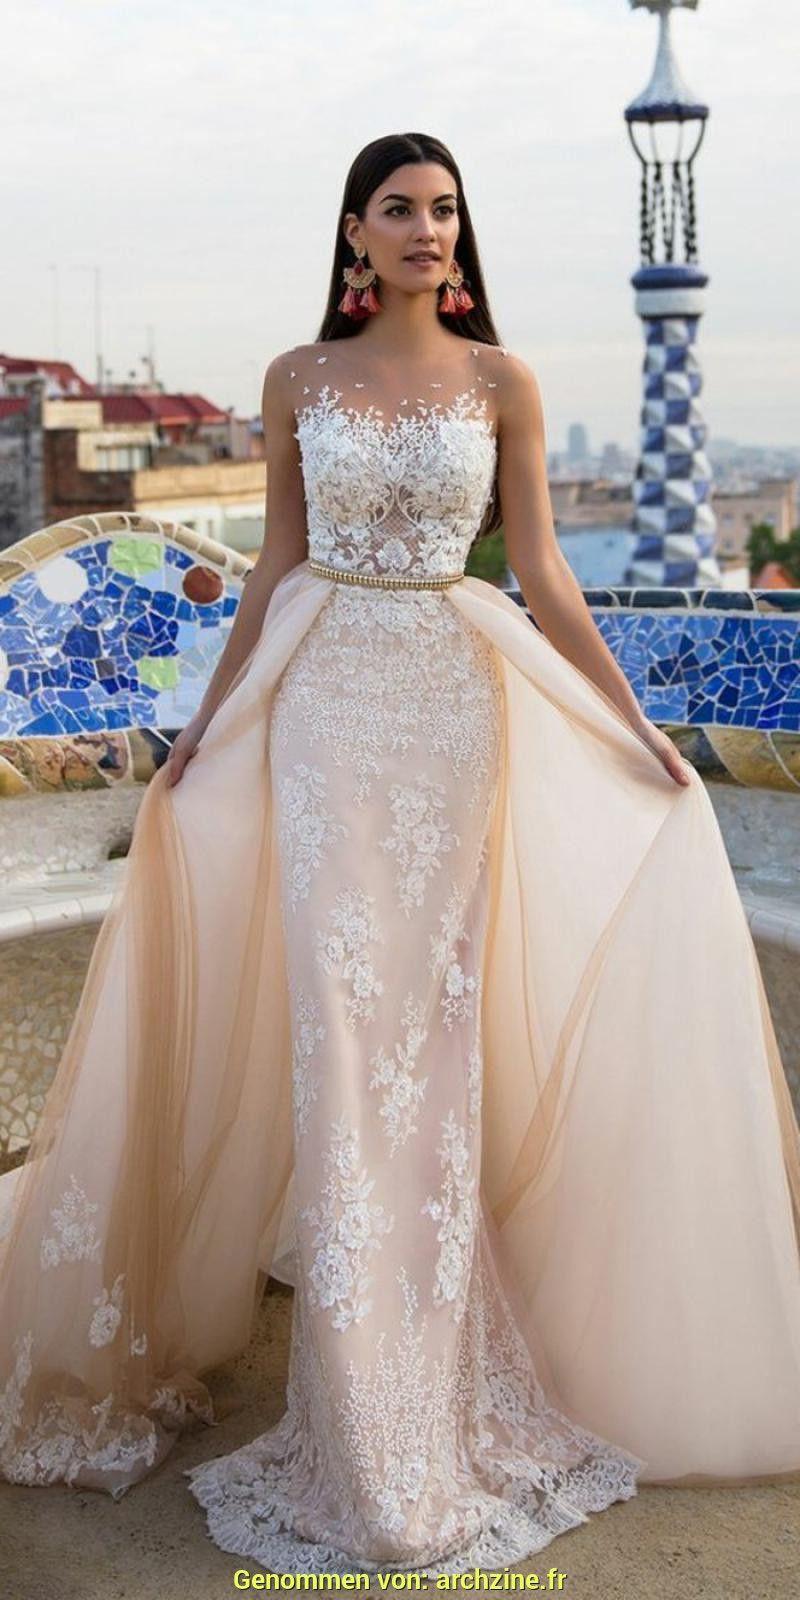 Robe de mariée saumon | Robe de mariée couleur,